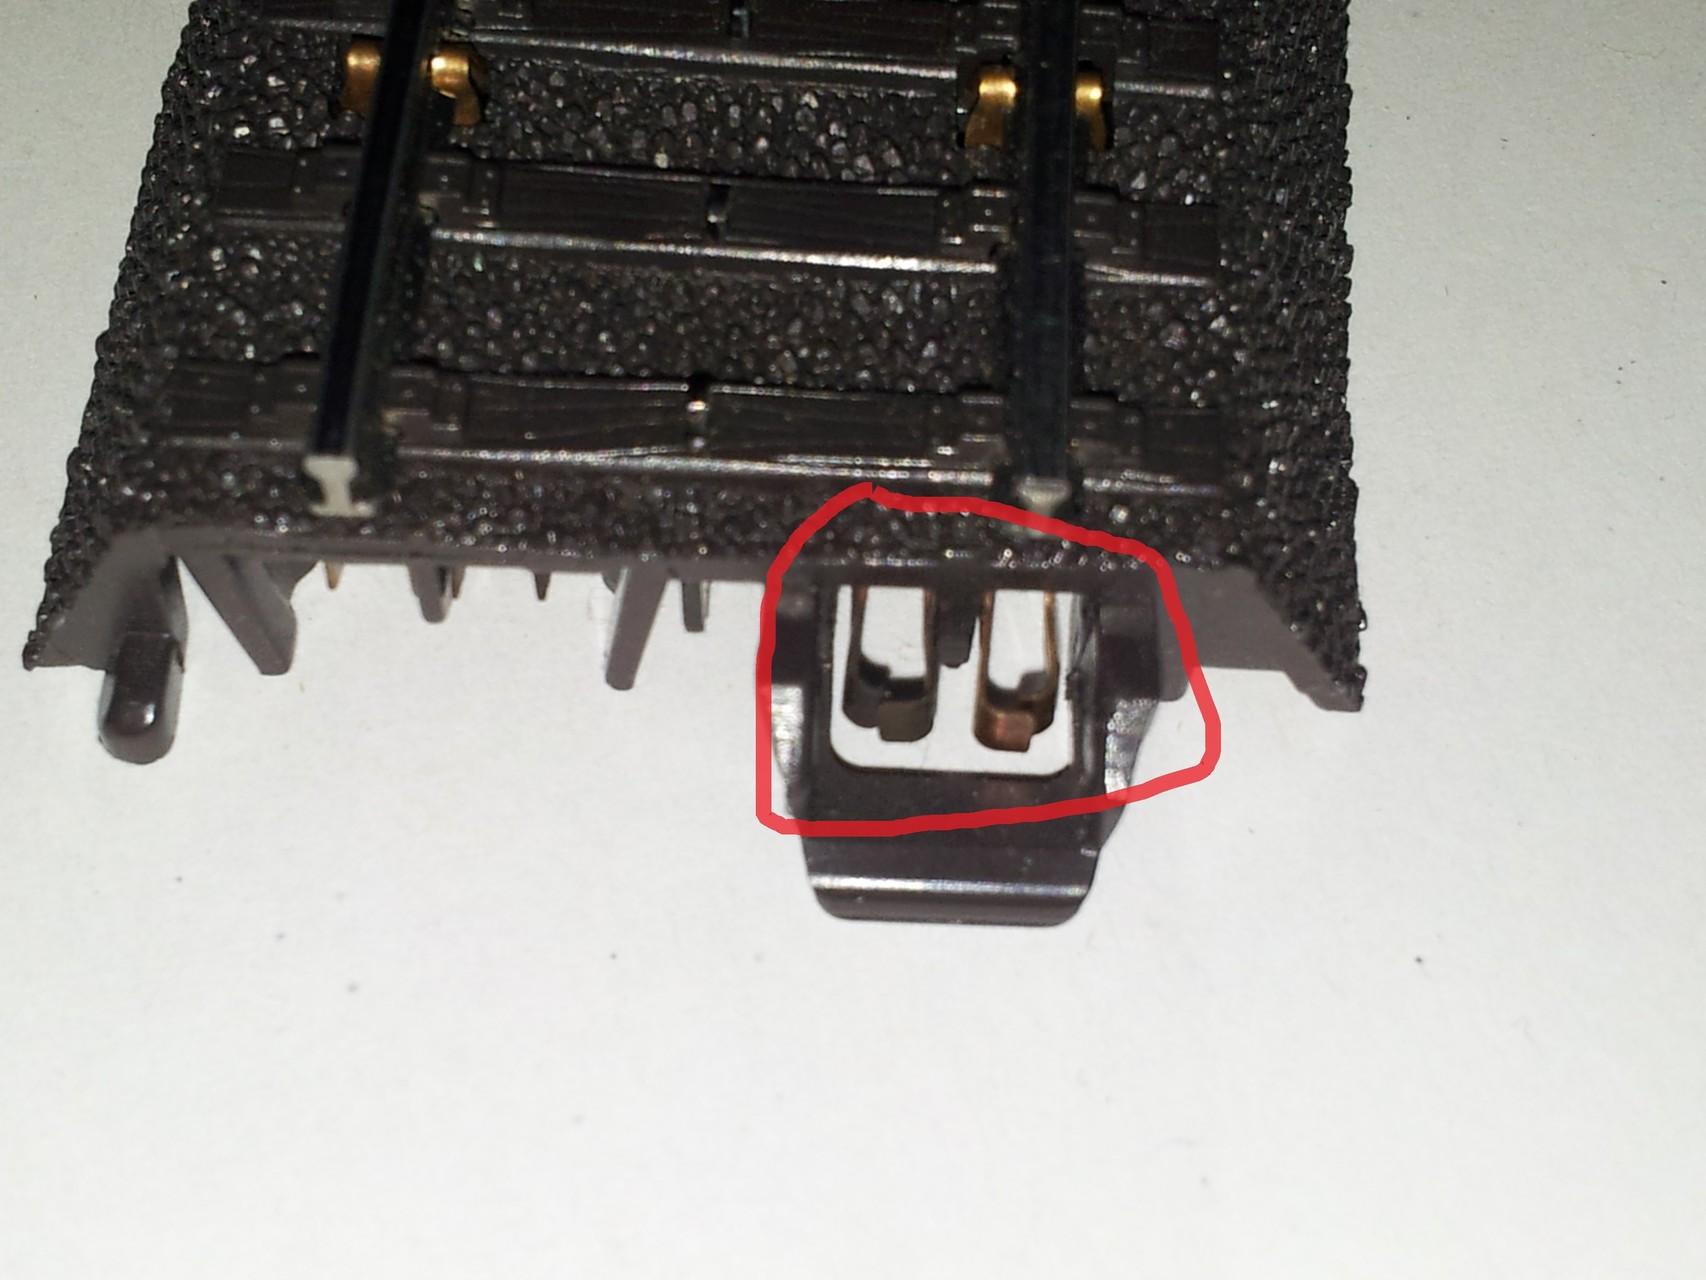 Das letzte Problem das noch zu erwähnen sei sind die Kupferkontakte. Diese können mit der Zeit oxidieren und das kann zu Kontaktproblemen kommen